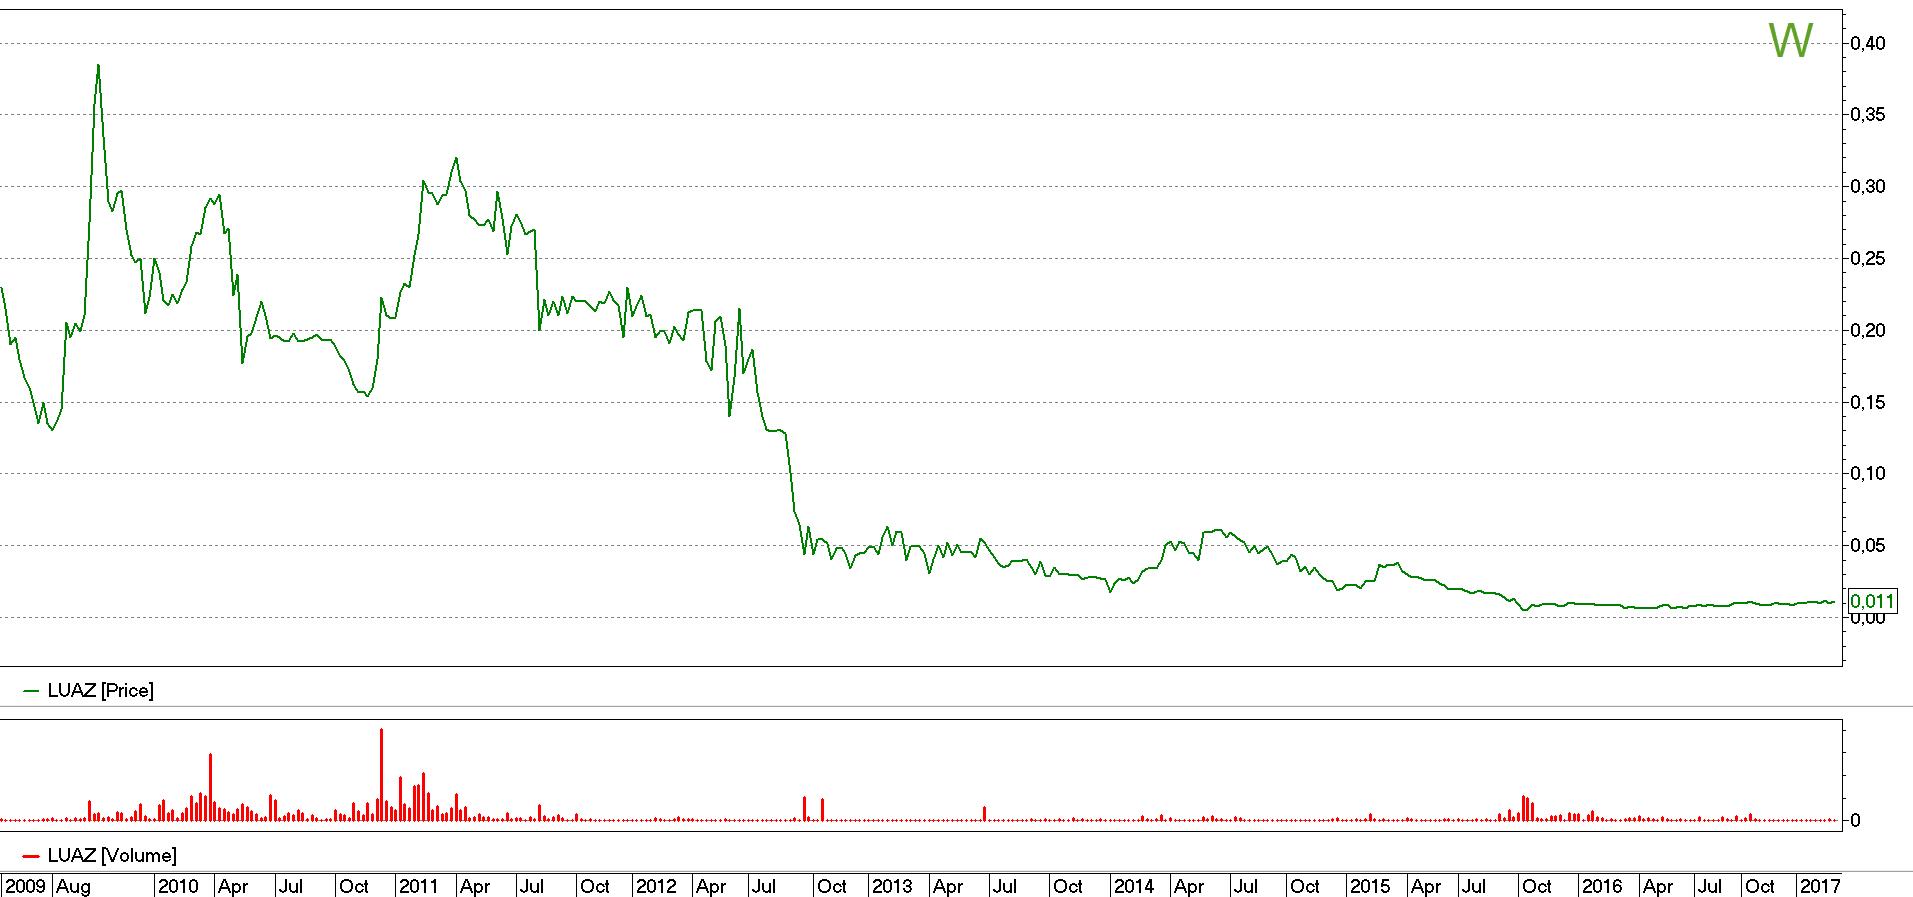 График котировок акций ЛуАЗ